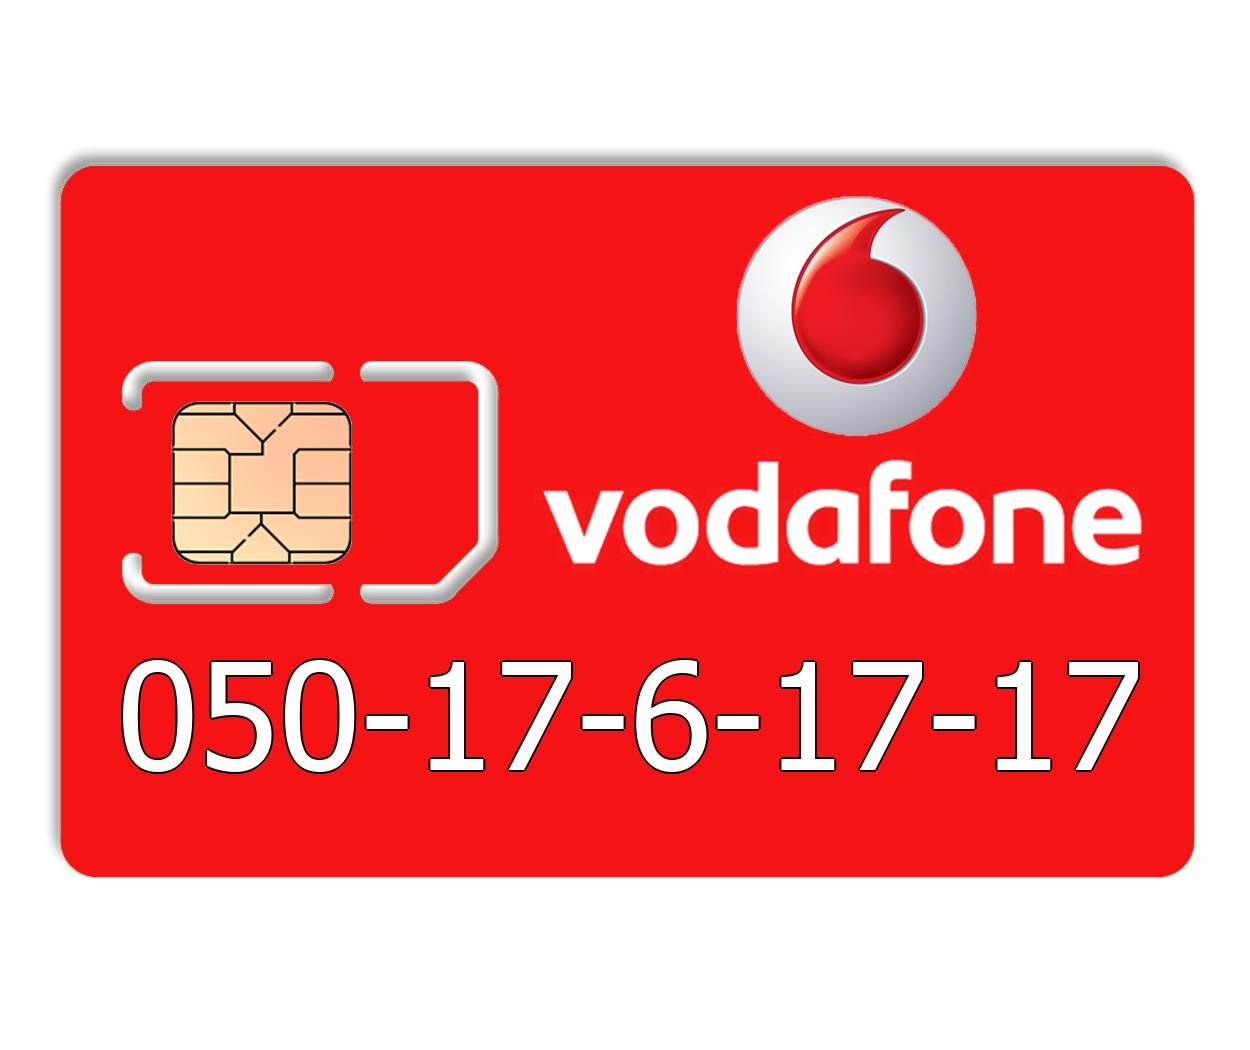 Красивый номер Vodafone 050-17-6-17-17